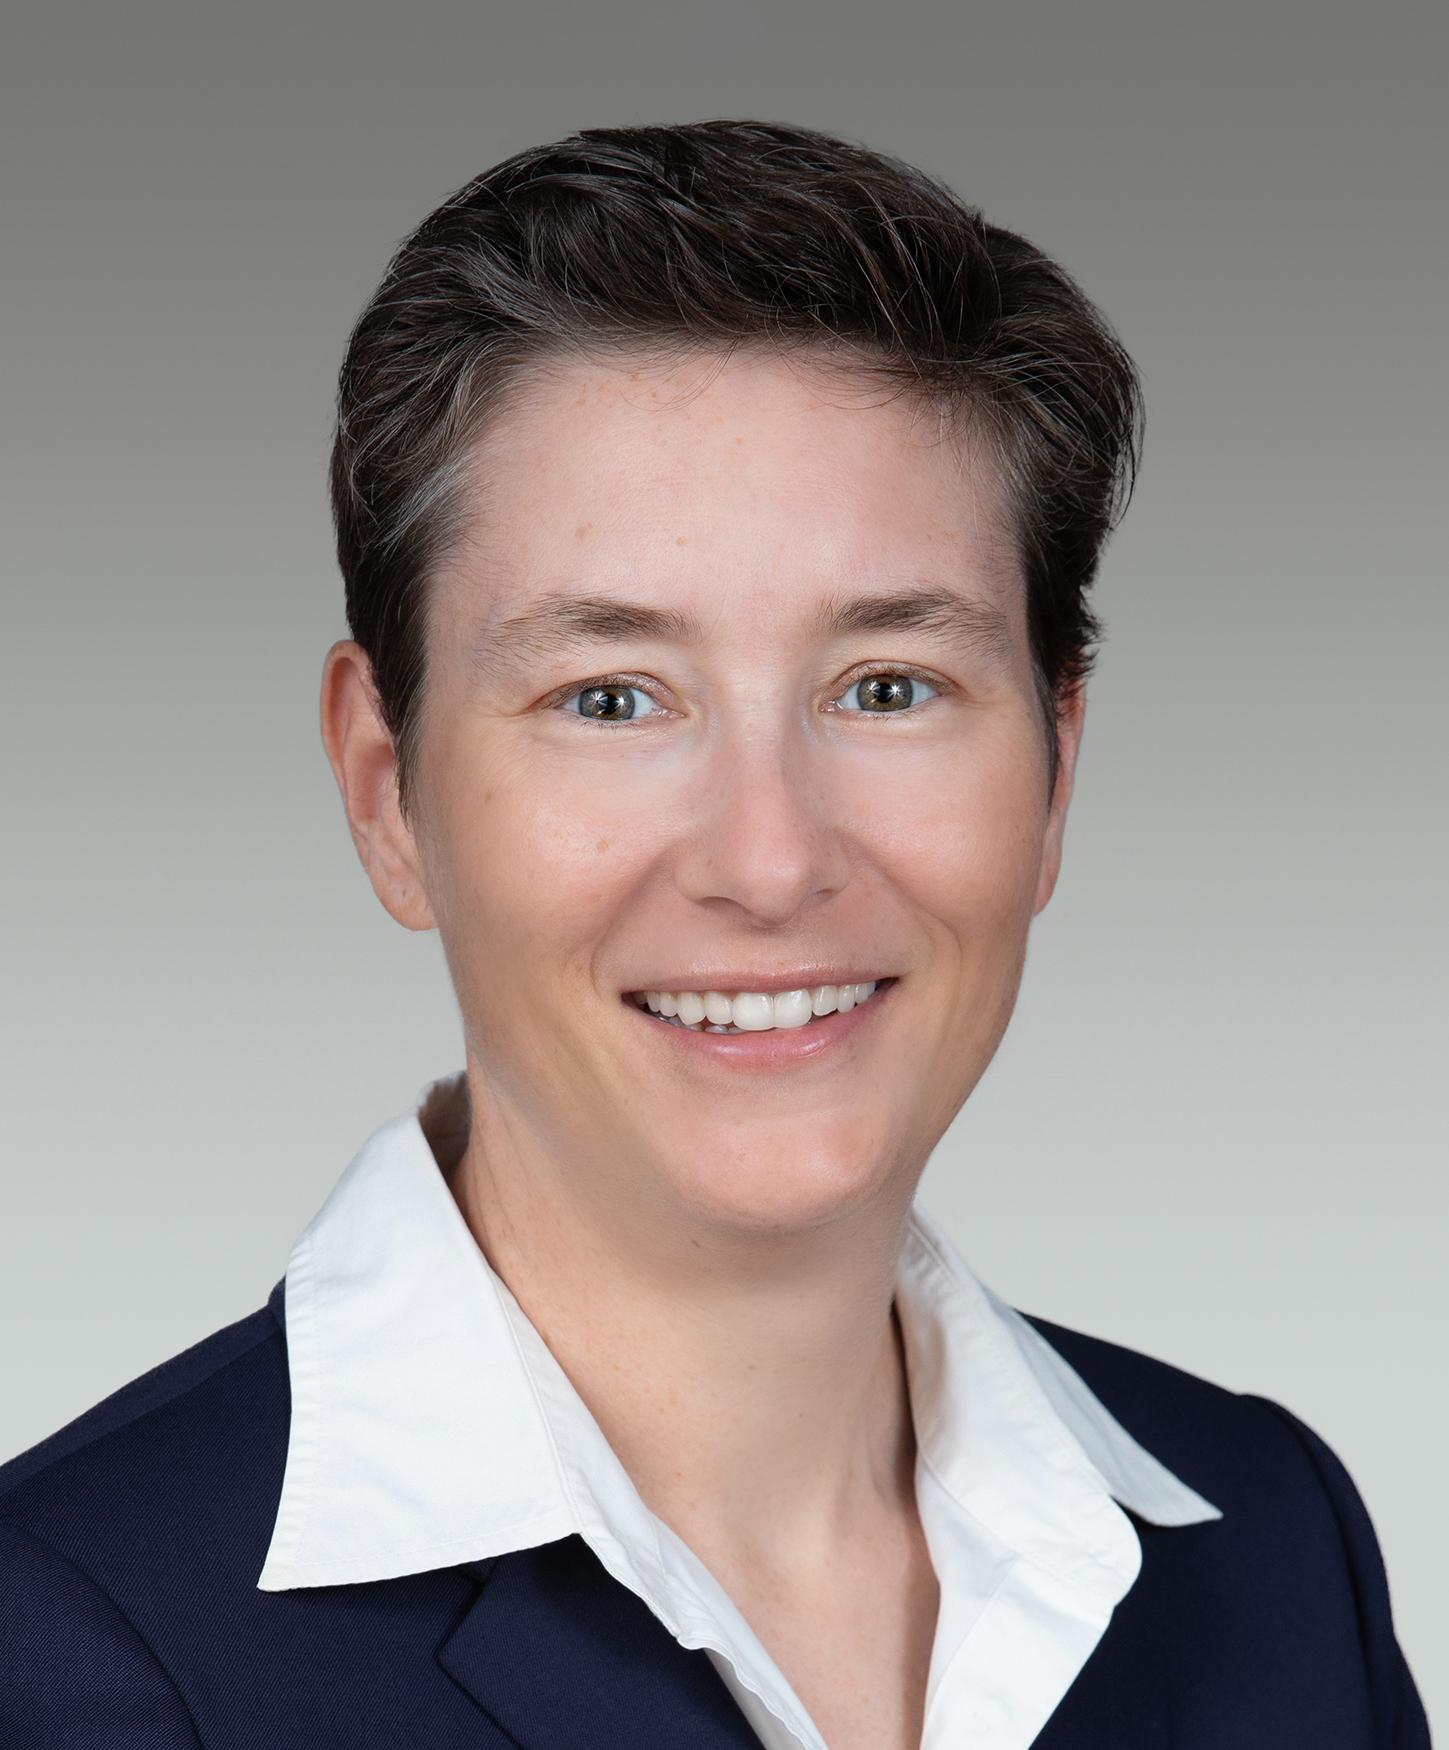 Image of Sarah Piepmeier